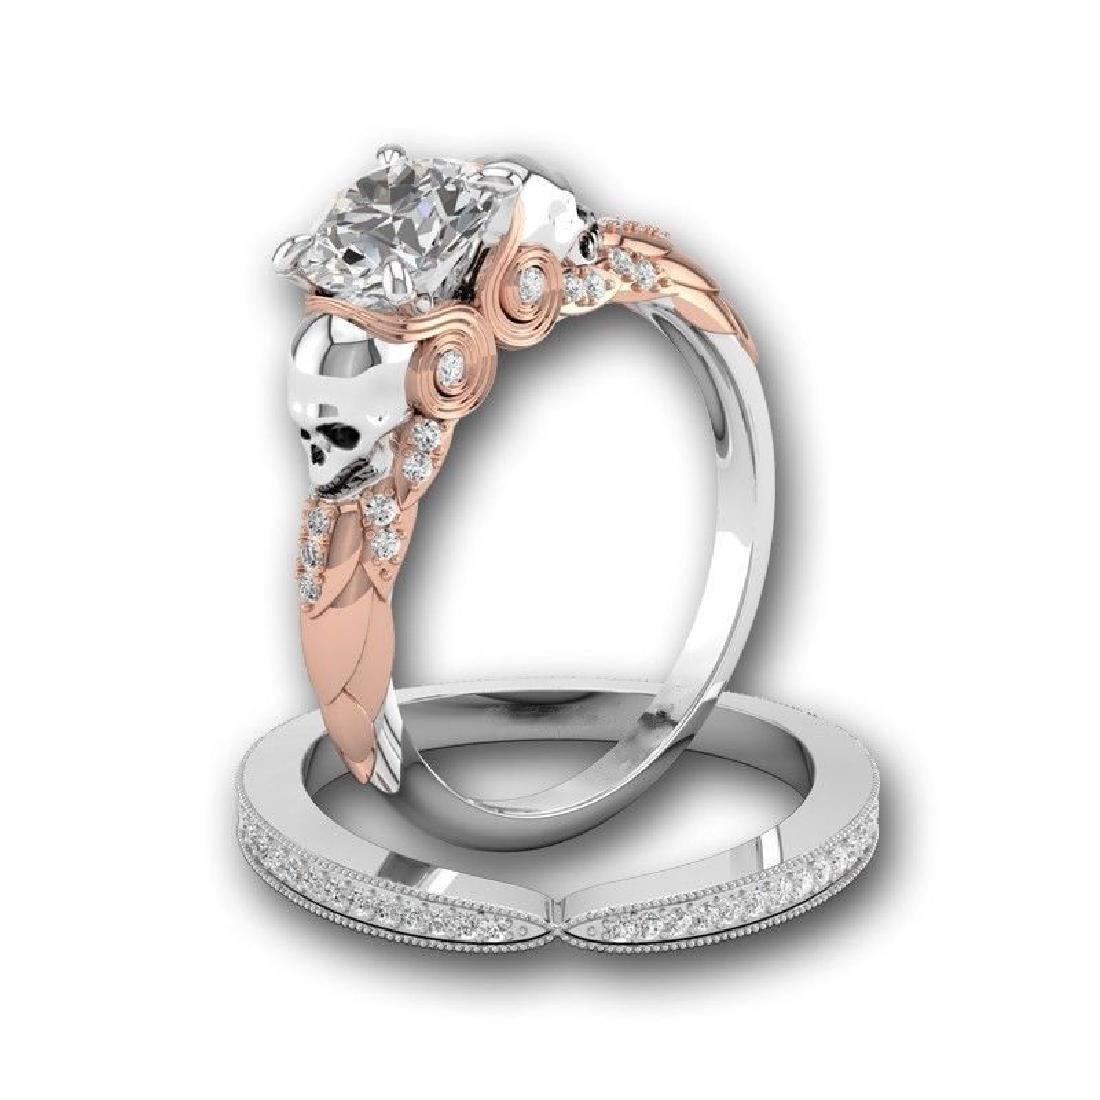 2Pcs/Set 925 Silver Ring 1.6Ct White Topaz Size 10